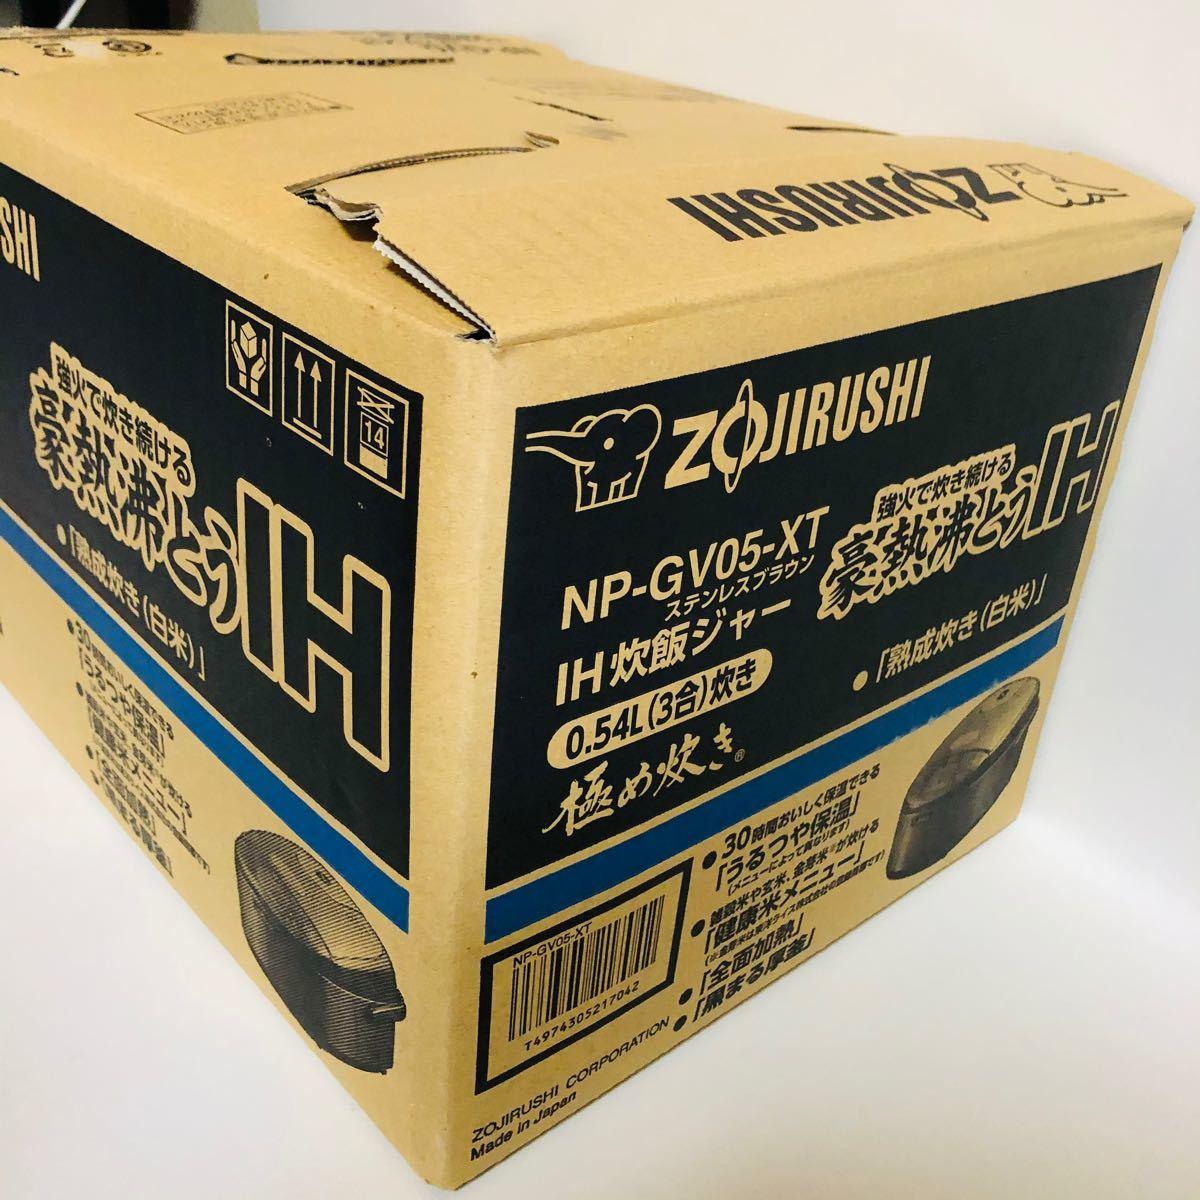 【新品未使用】象印 IH炊飯ジャー 極め炊き 3合NP-GV05-XT ステンレスブラウン 炊飯器 ZOJIRUSHI